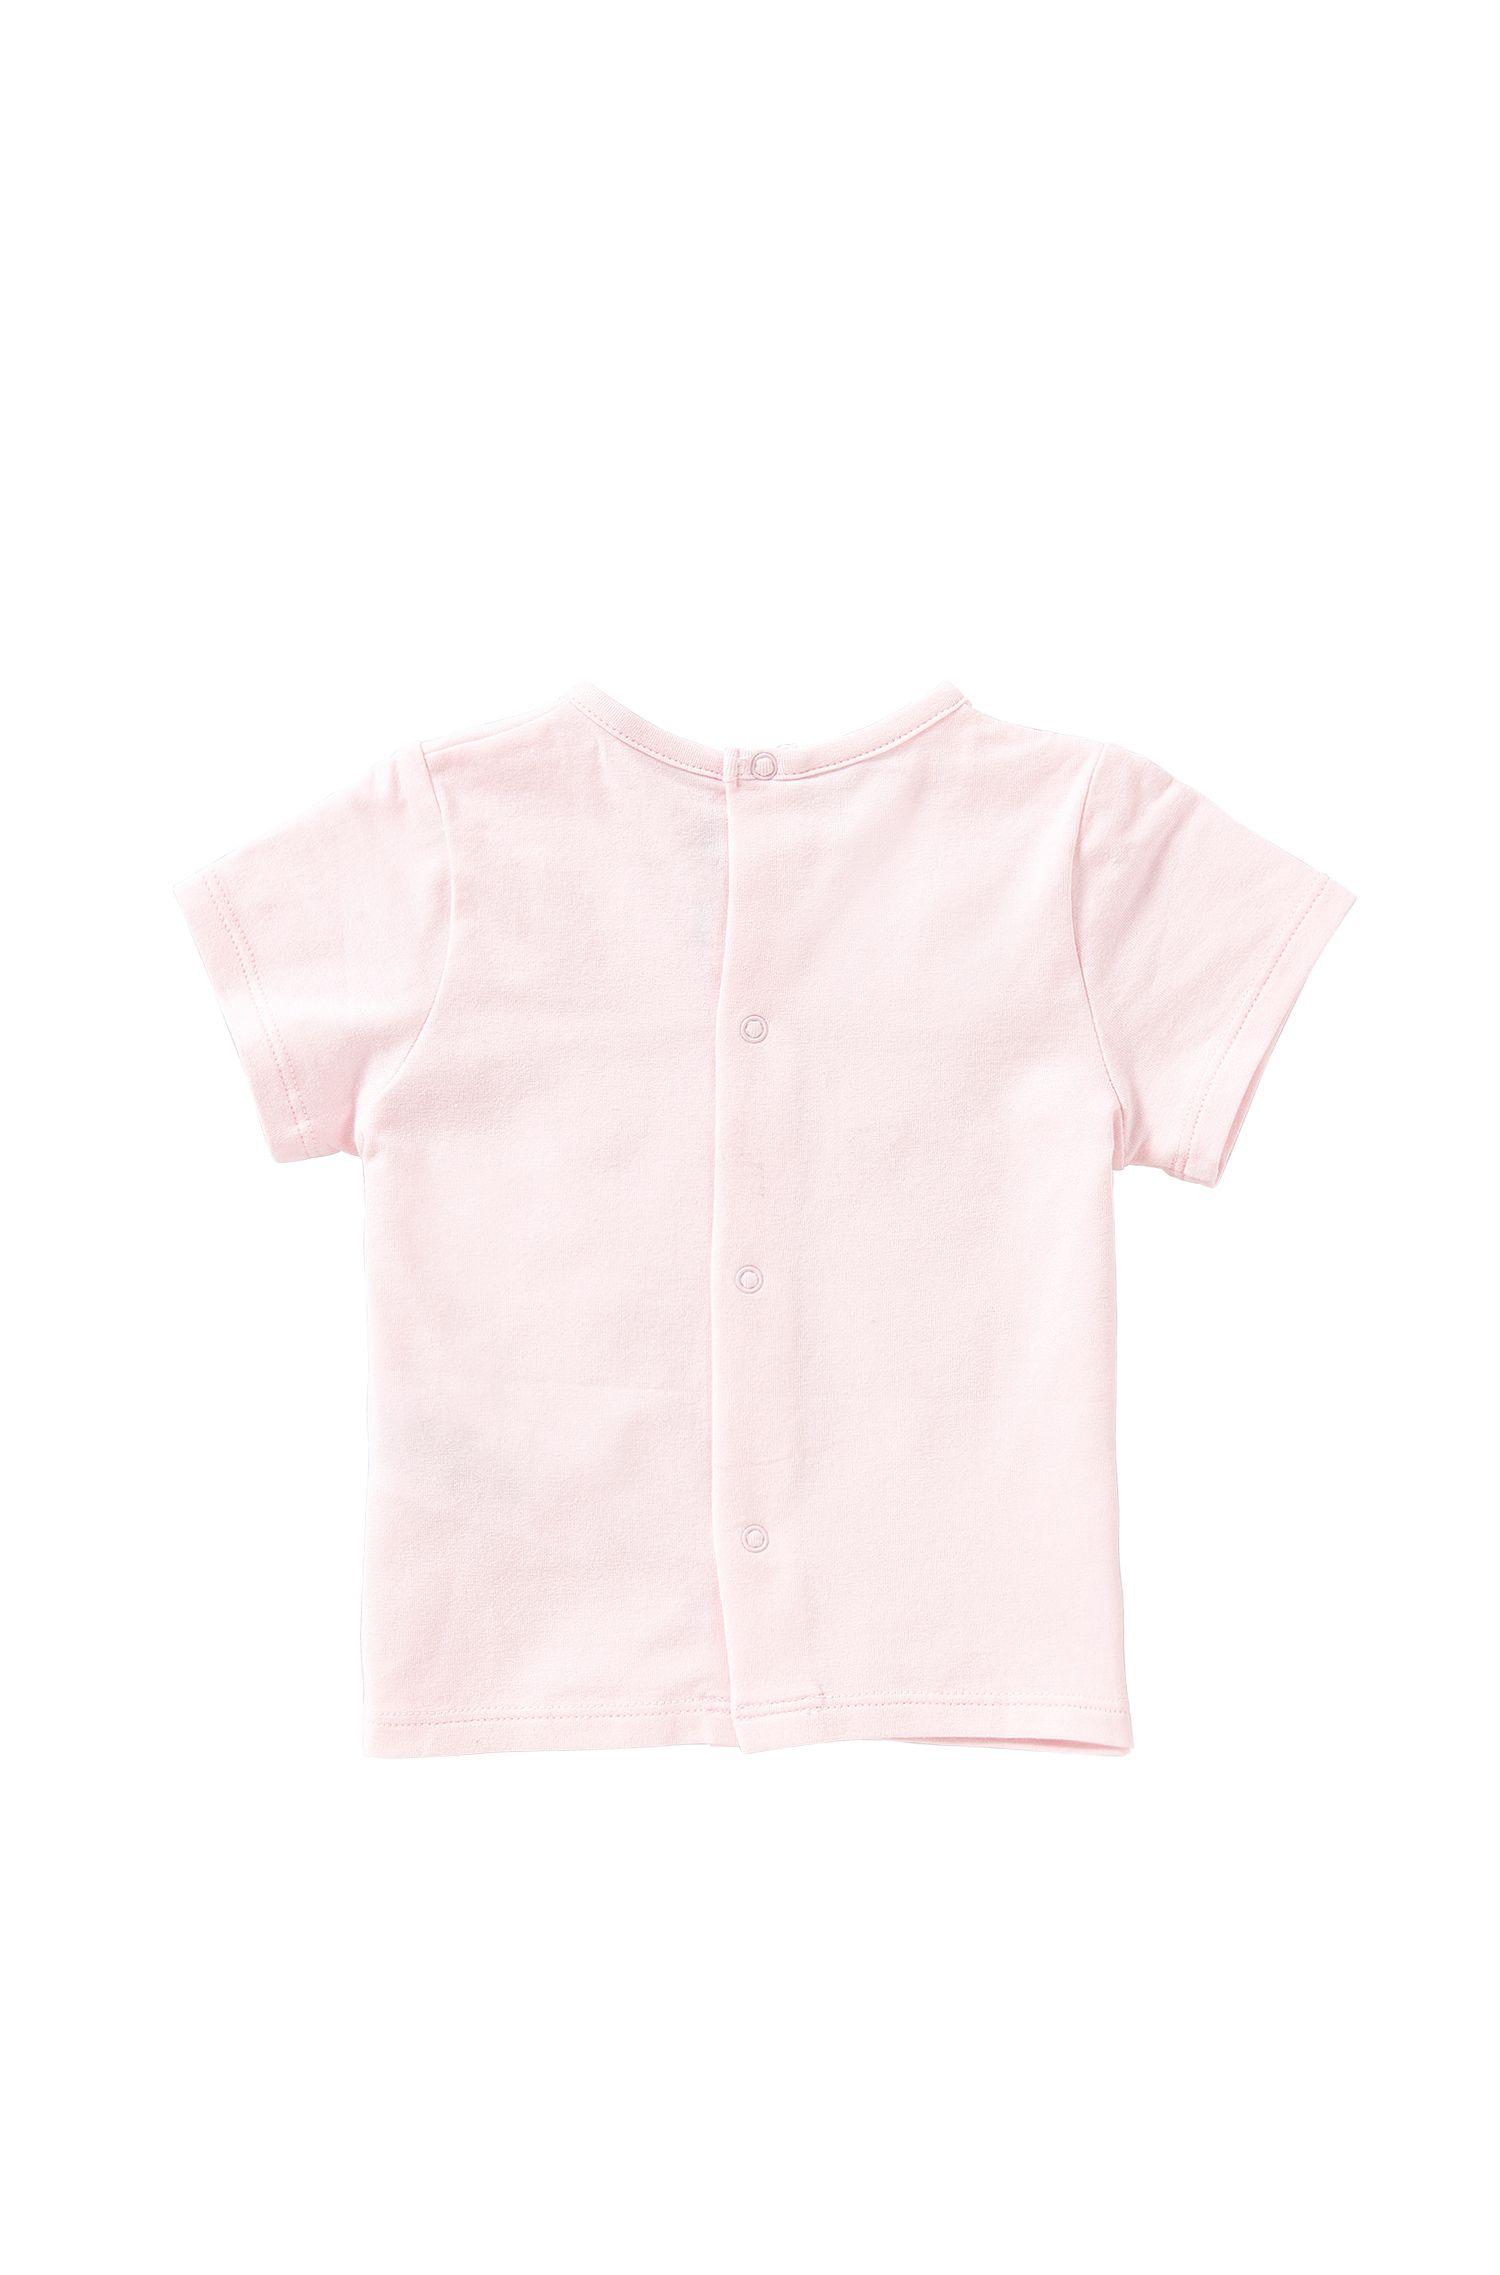 T-shirt pour bébé en coton extensible avec patte de boutonnage à boutons-pression dans le dos: «J95196»